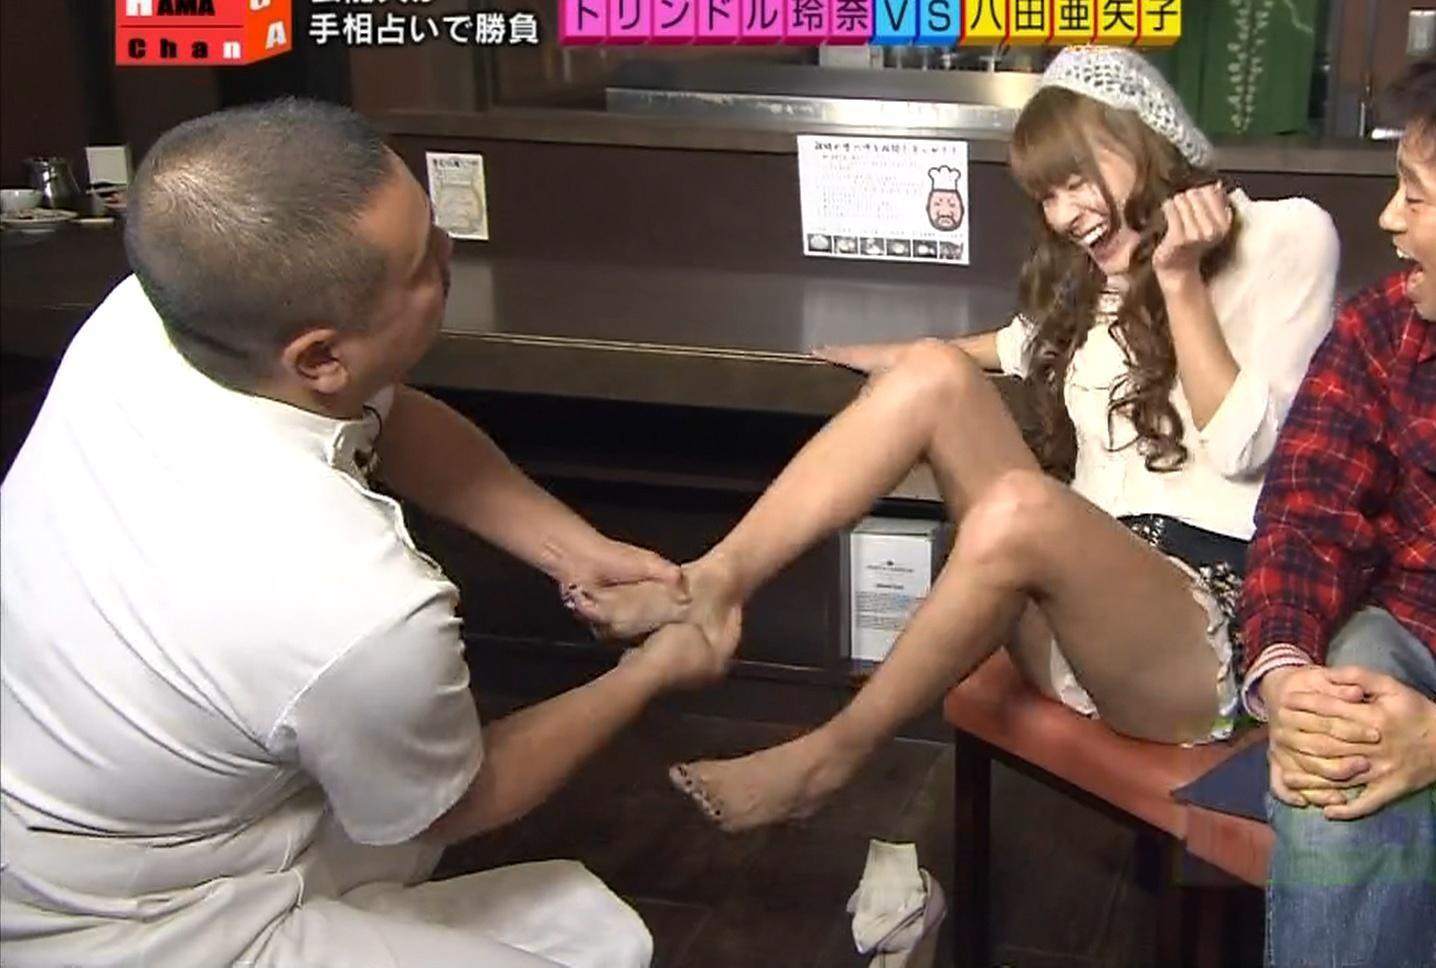 八田亜矢子 美脚を大また開きで悶絶キャプ画像(エロ・アイコラ画像)